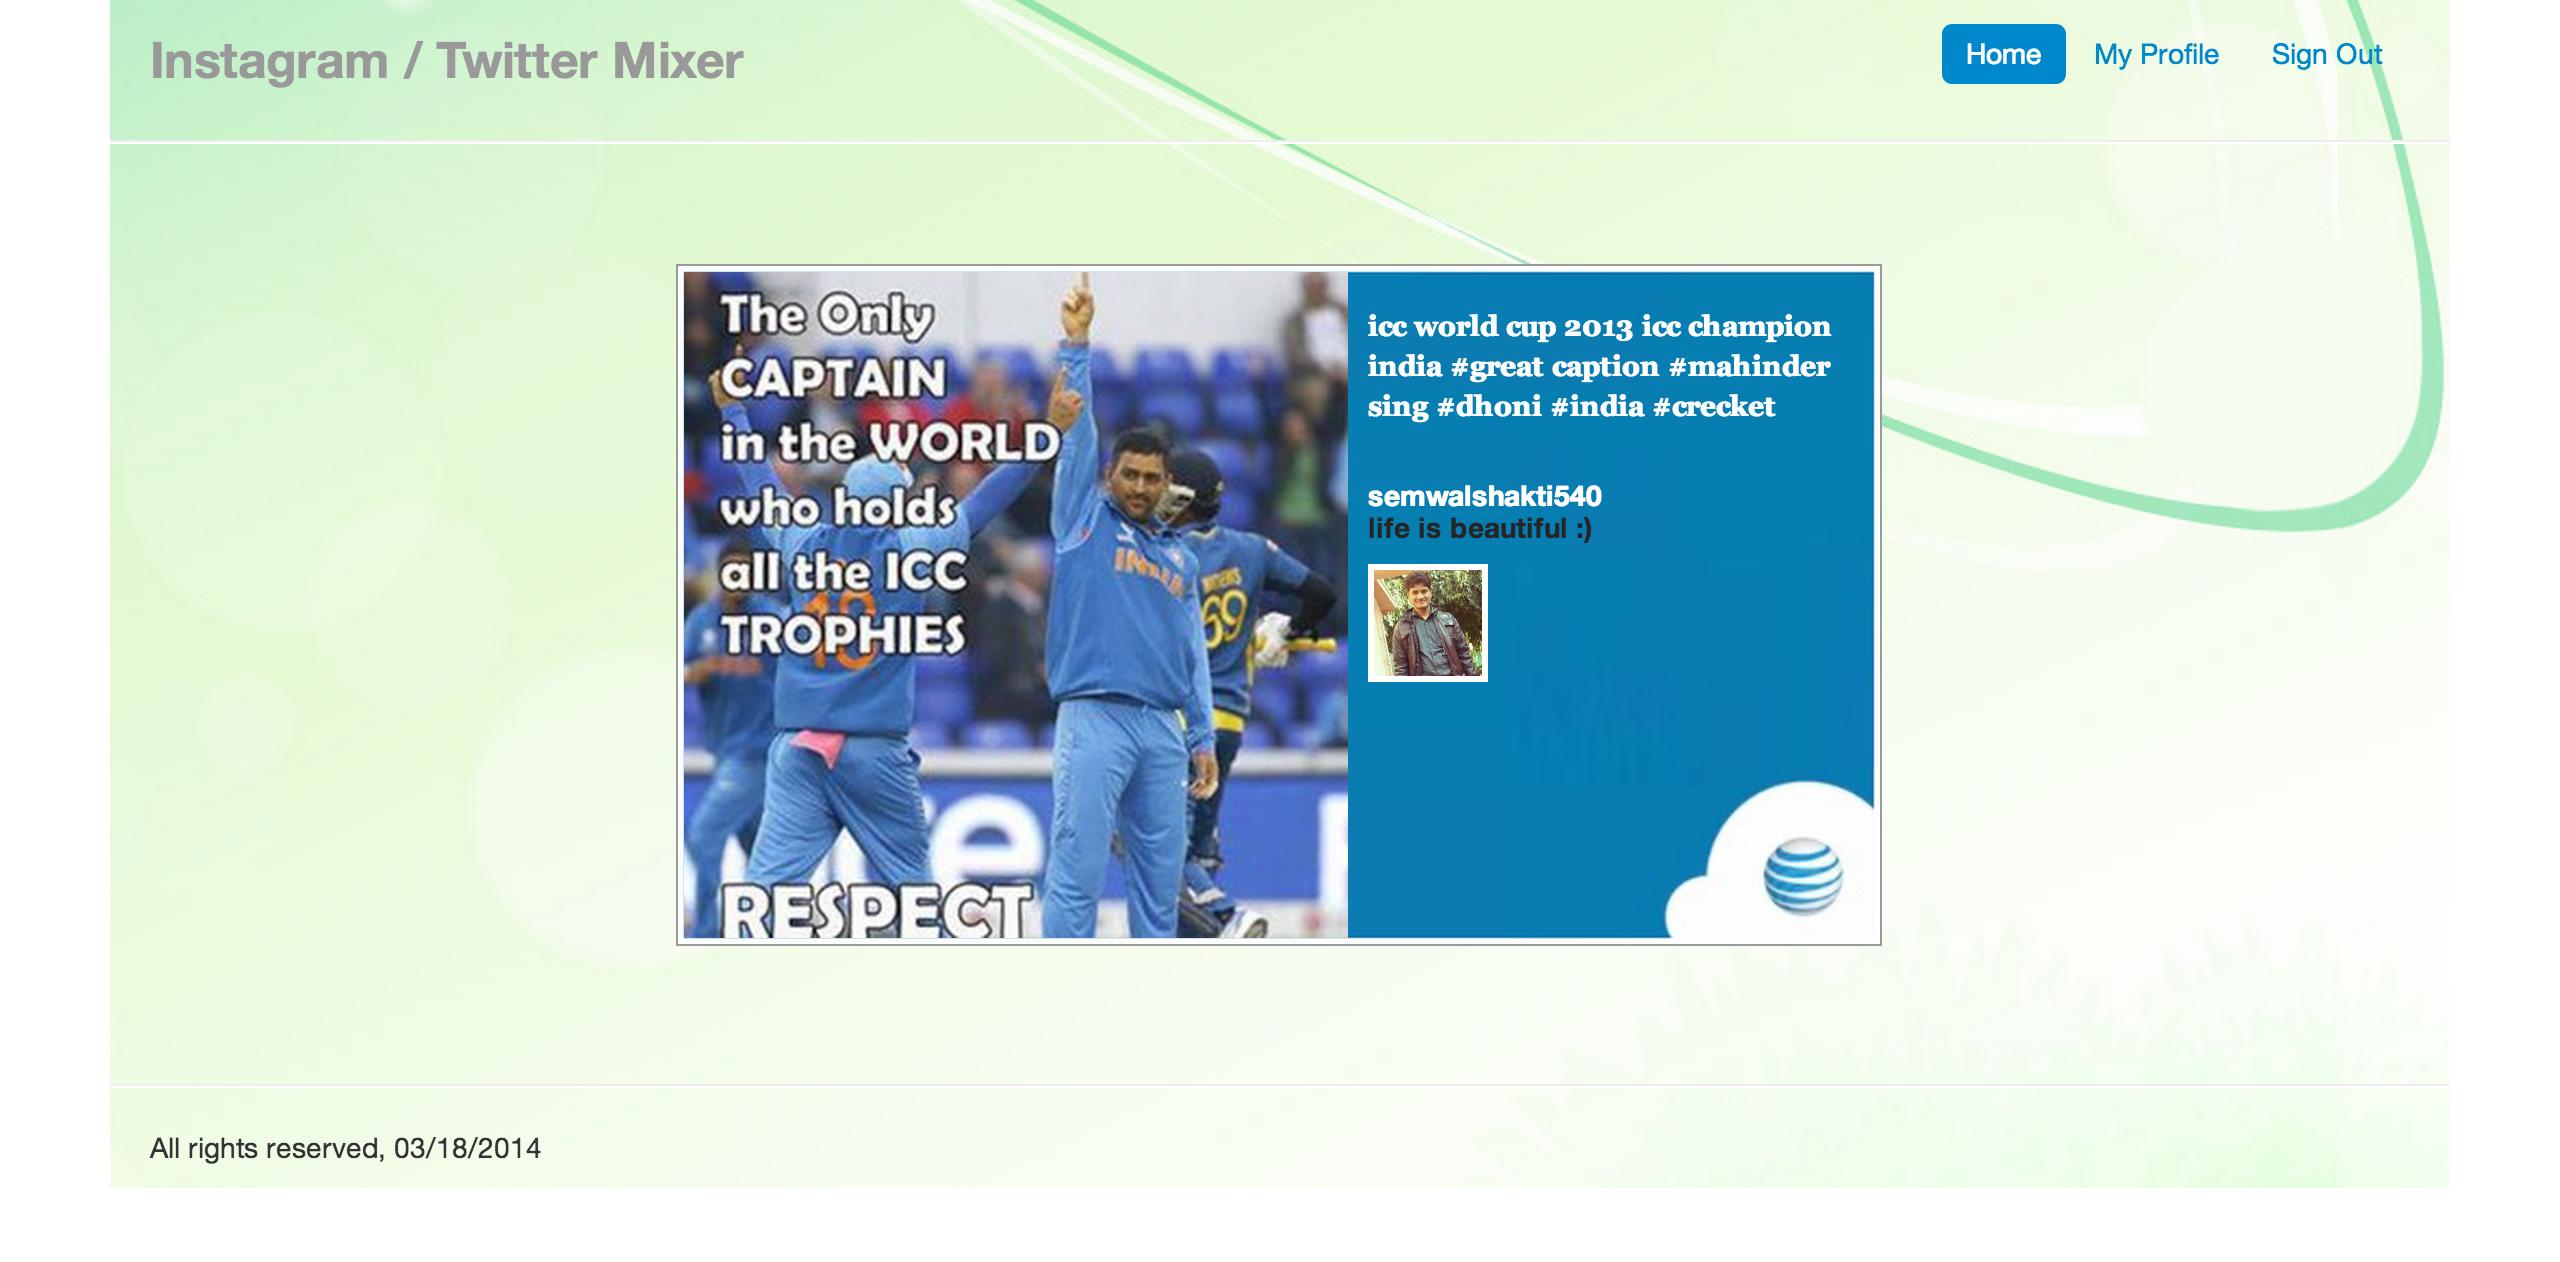 Instagram Twitter App for Ipads